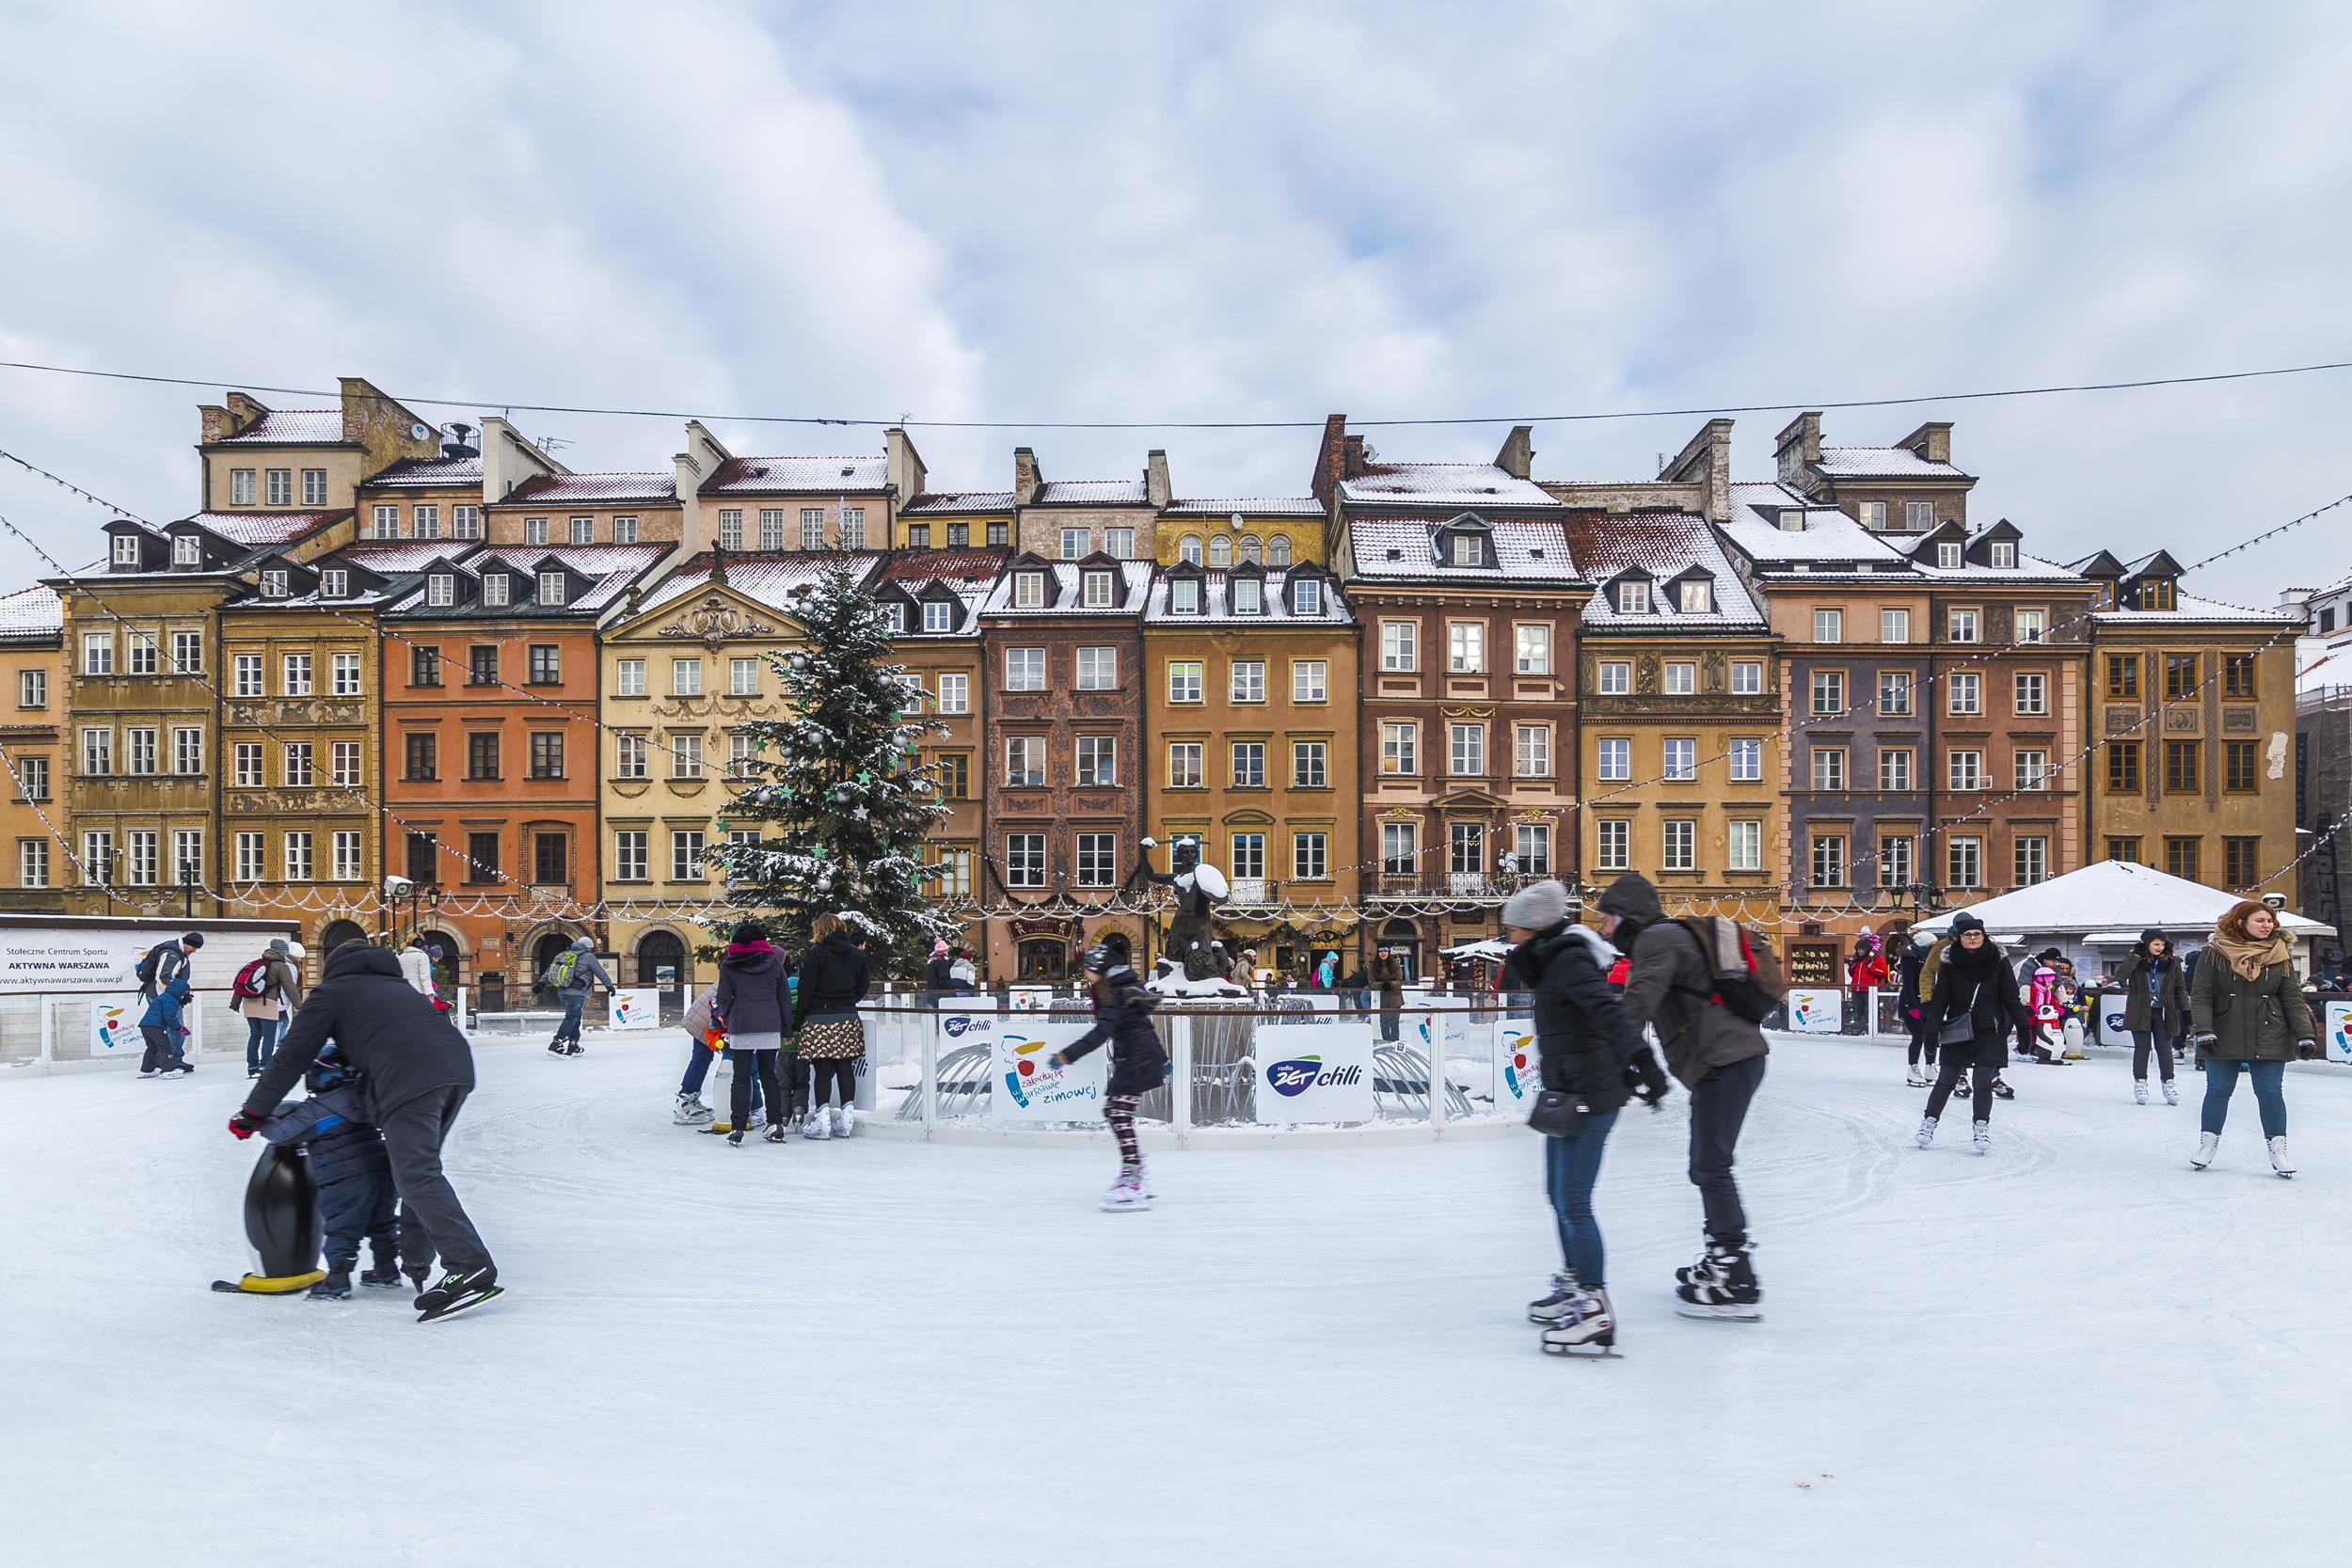 Enjoy Winter Outdoor Sporting Activities In The City